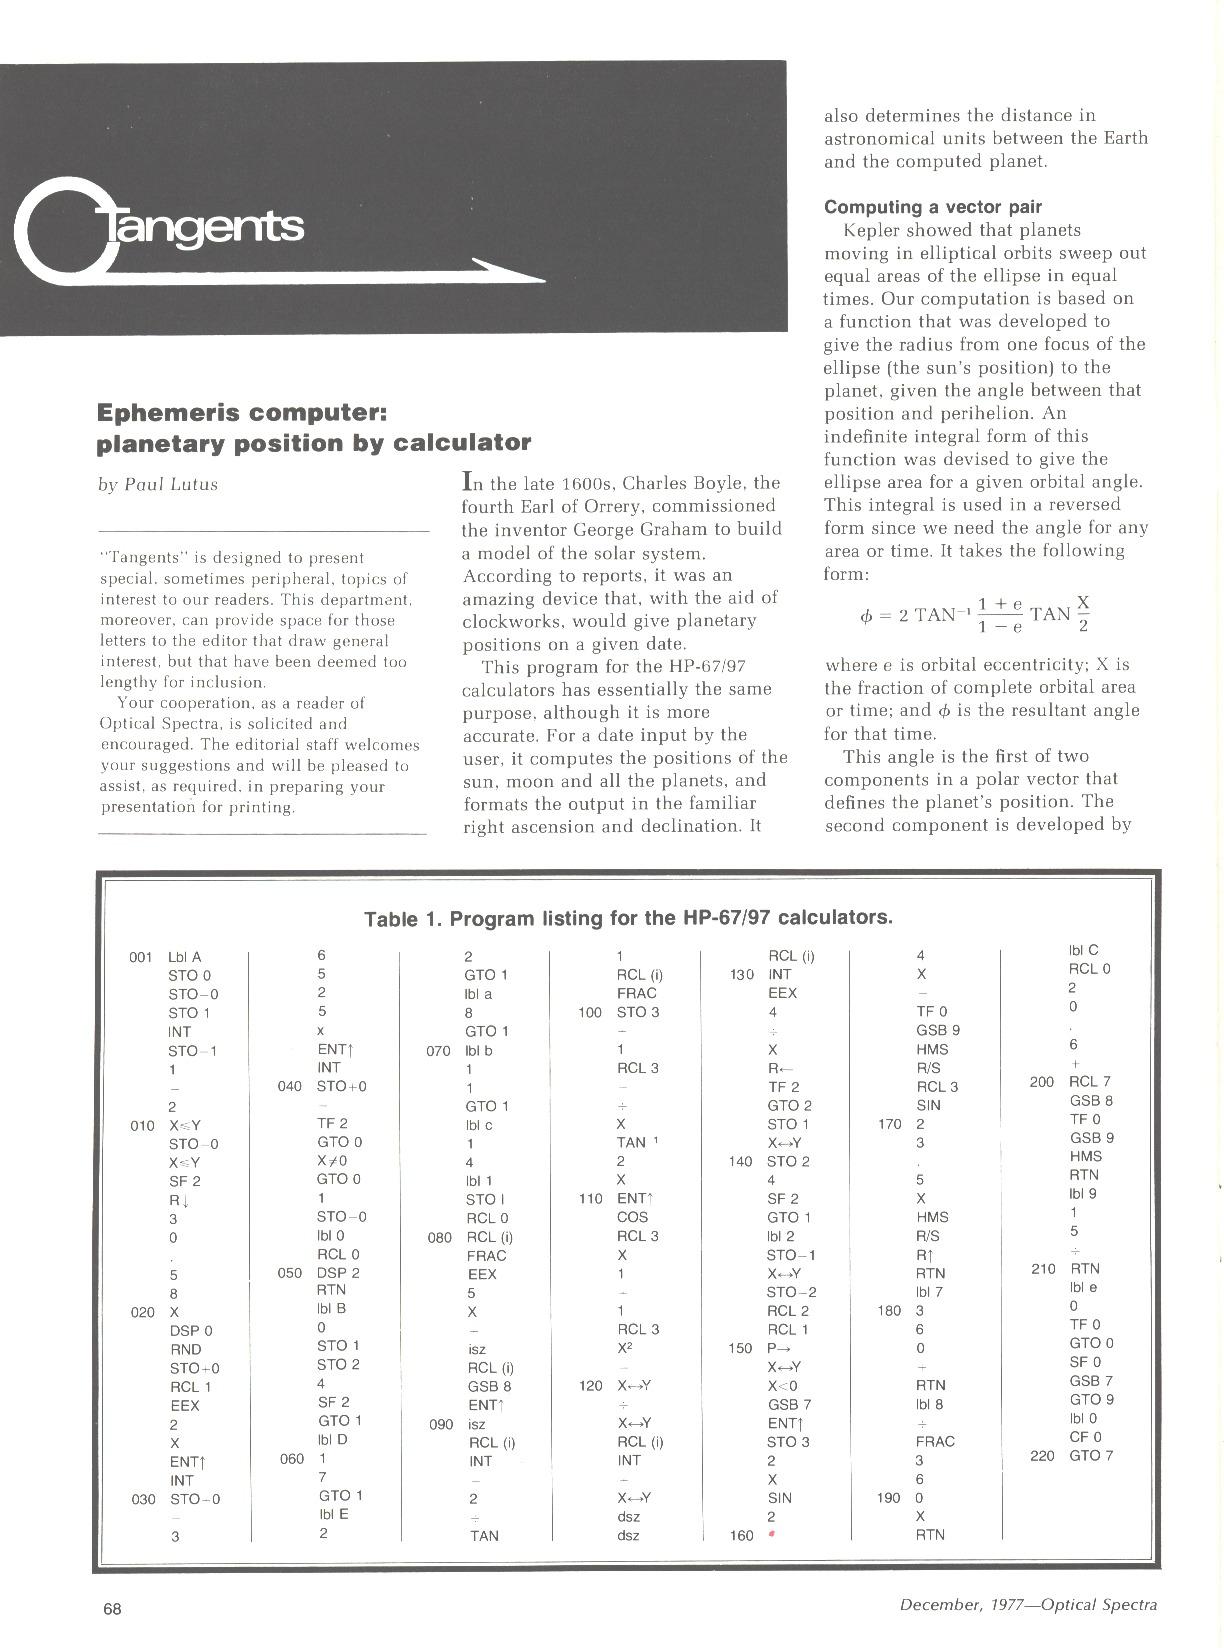 HP-67/97) Planetary Ephemeris